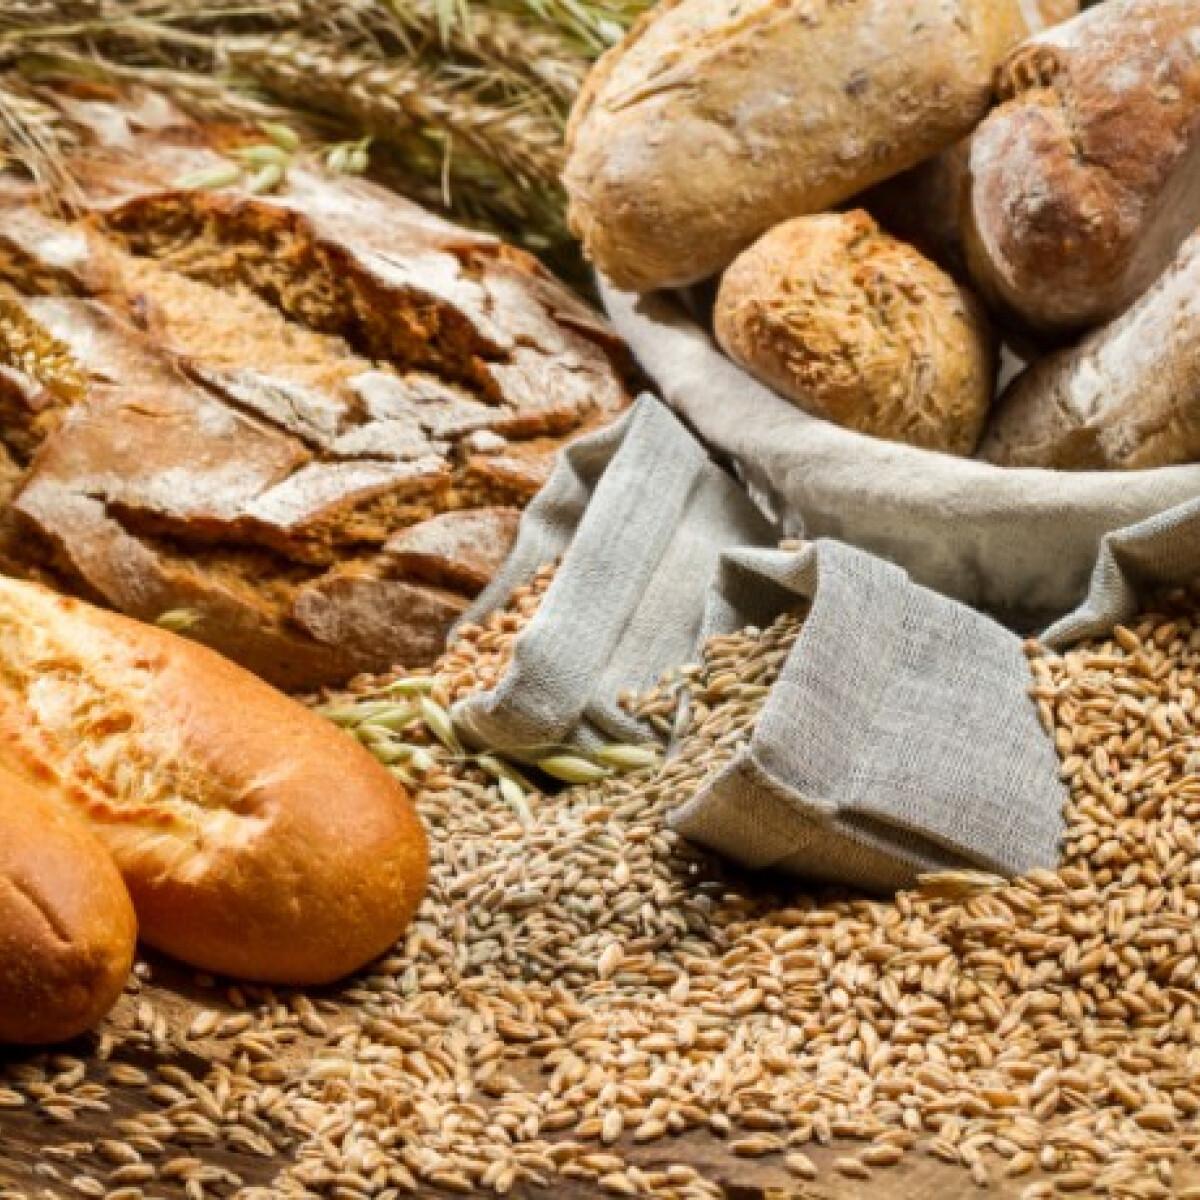 Index - Fortepan - A Pajtás kemence mellett kilót is lehetett fogyni